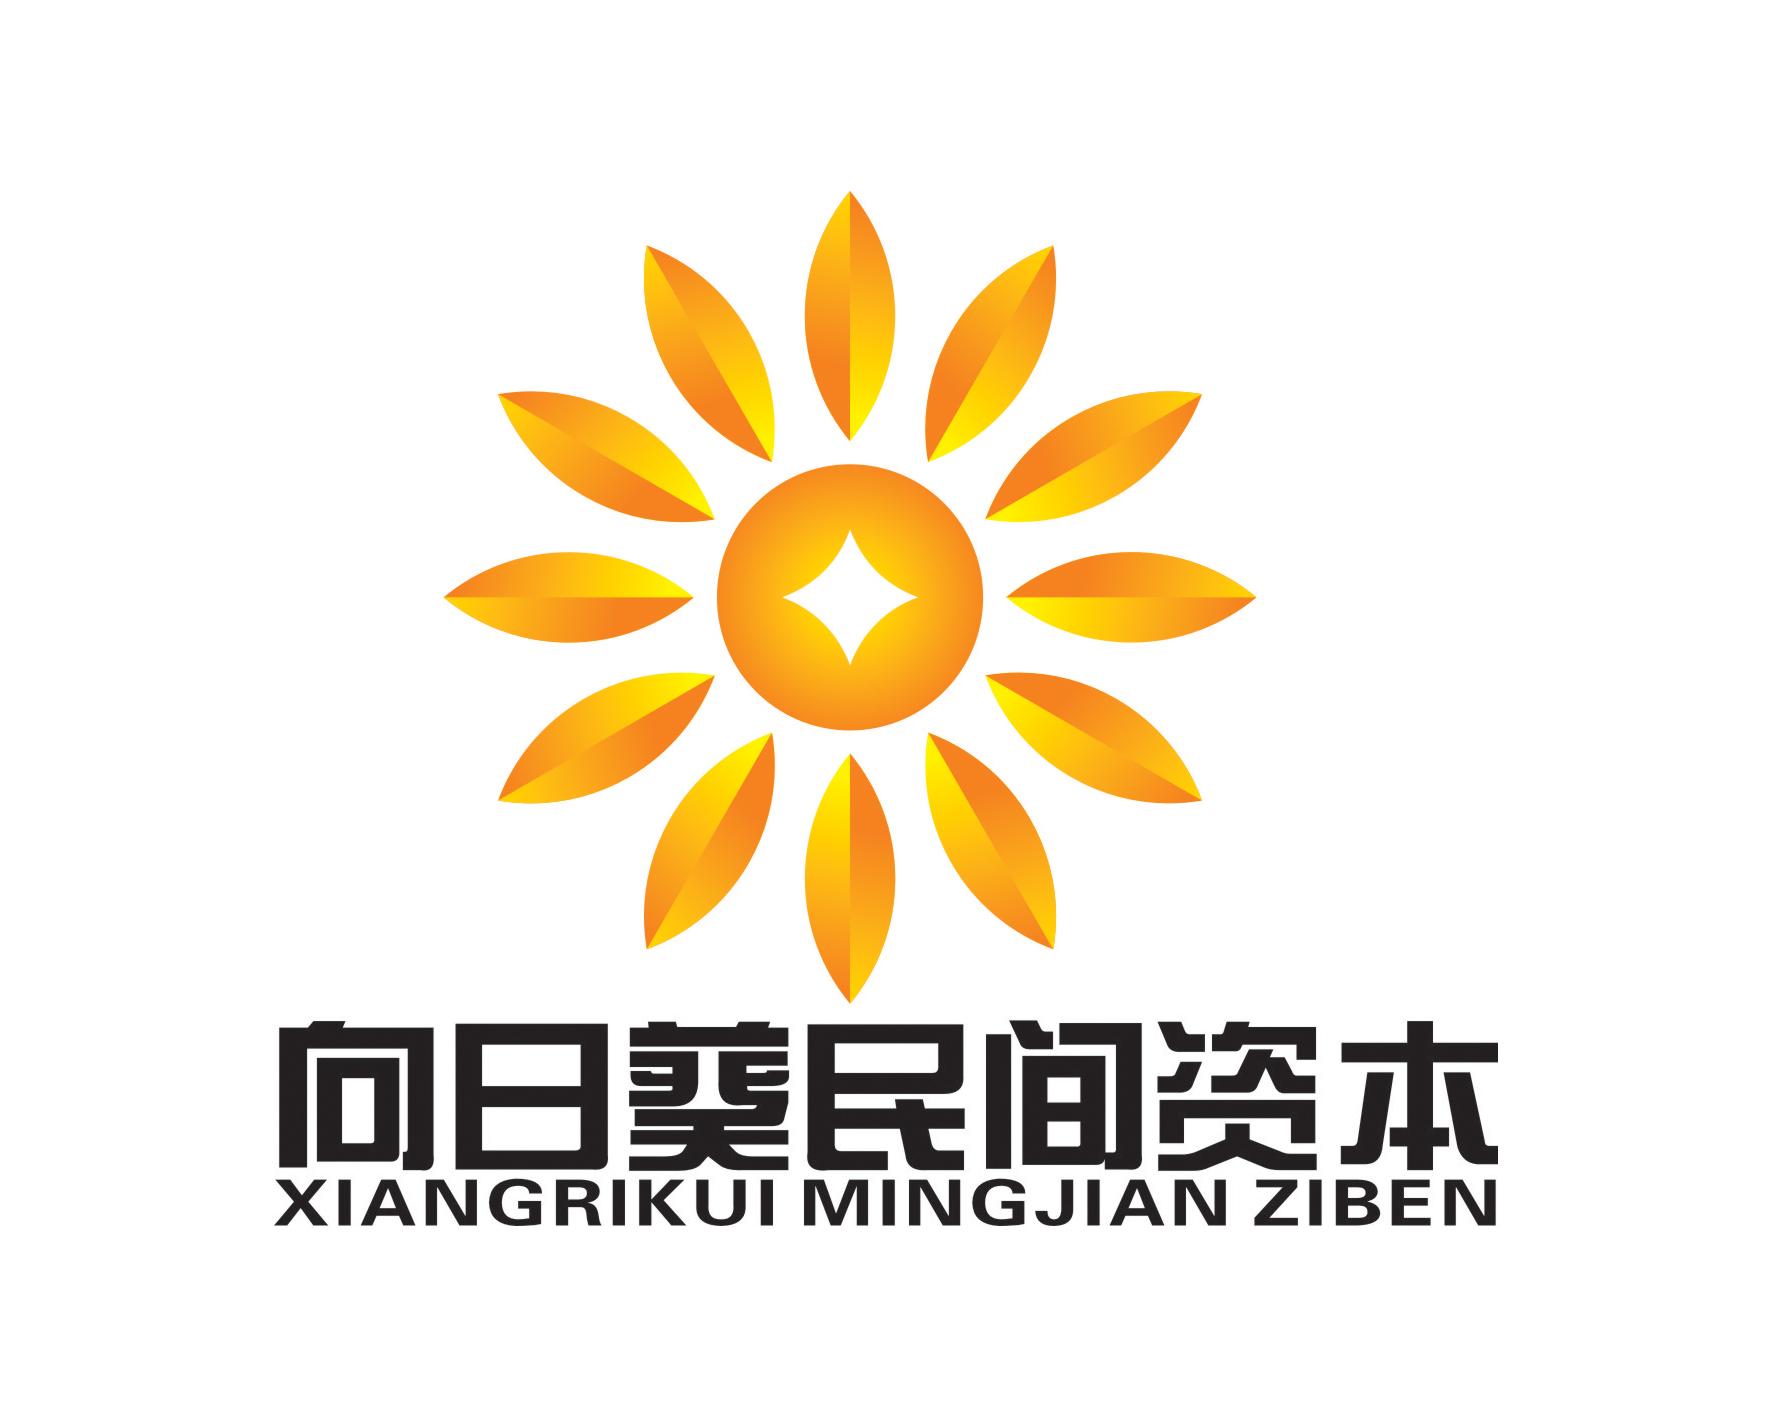 杭州向日葵民间资本理财服务有限公司